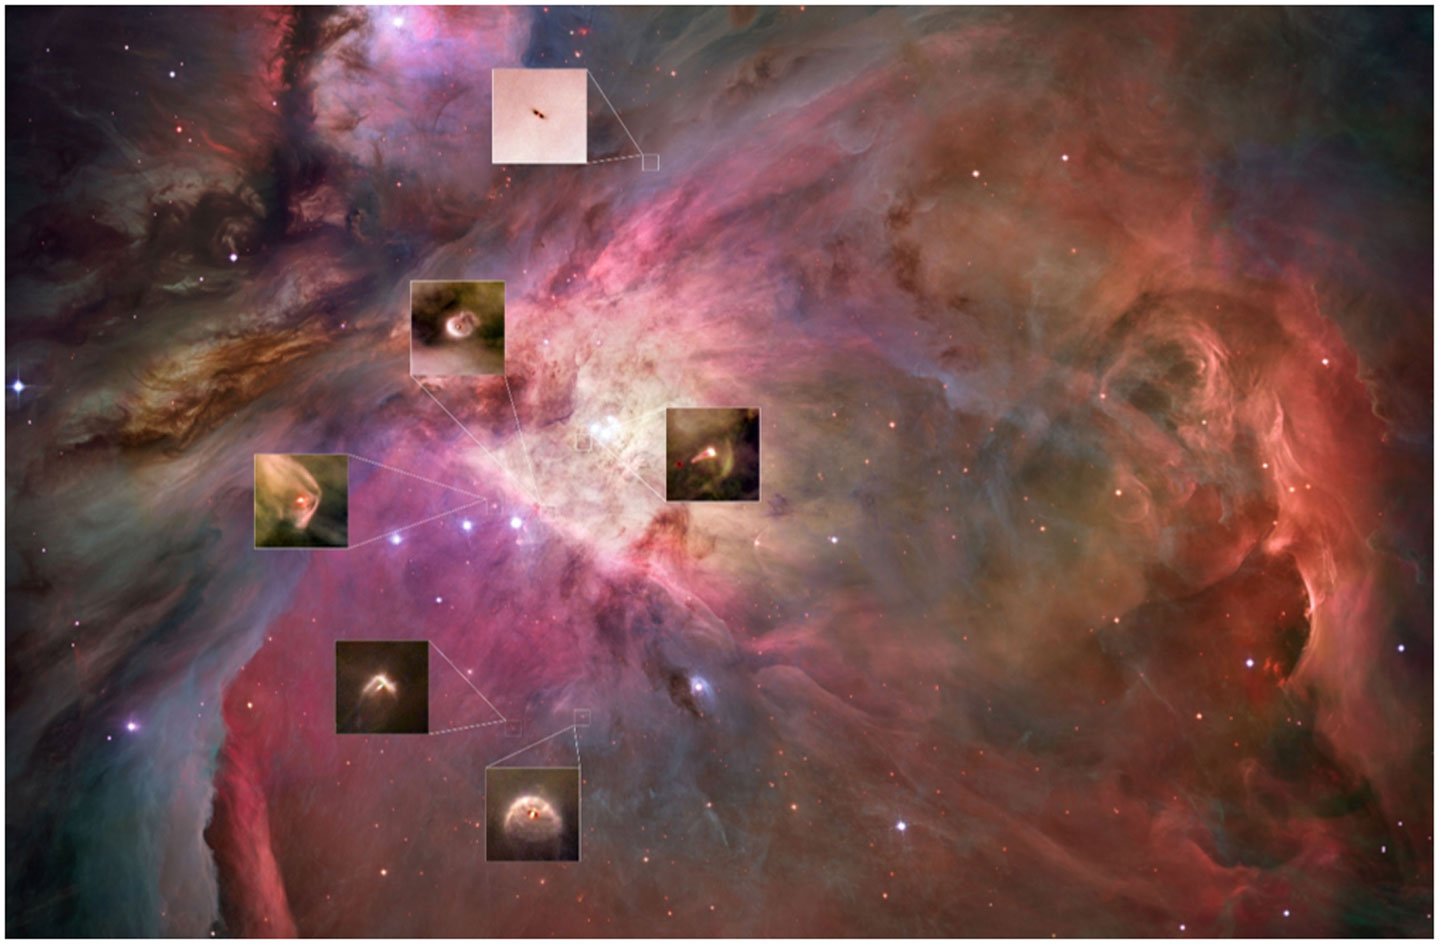 איור 4 - מערכות כוכבי לכת הנוצרות כעת בערפילית אוריון זוהי תמונה של הערפילית אוריון, שצולמה באור נראה לעין והופקה על ידי טלסקופ החלל האבּל.